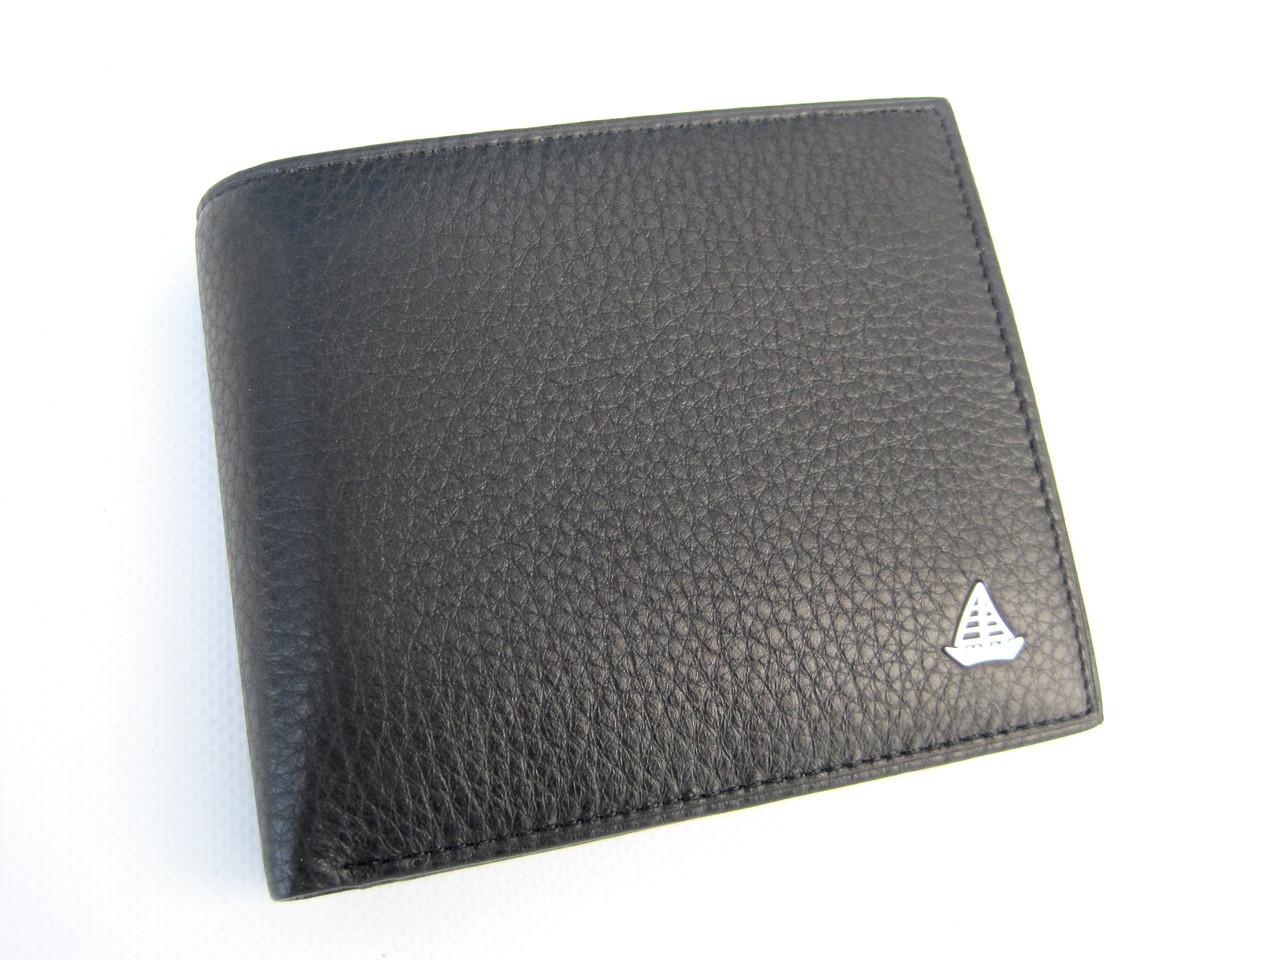 Мужское кожаное портмоне VERITY V138-10 black кожаное портмоне и кожаные кошельки оптом